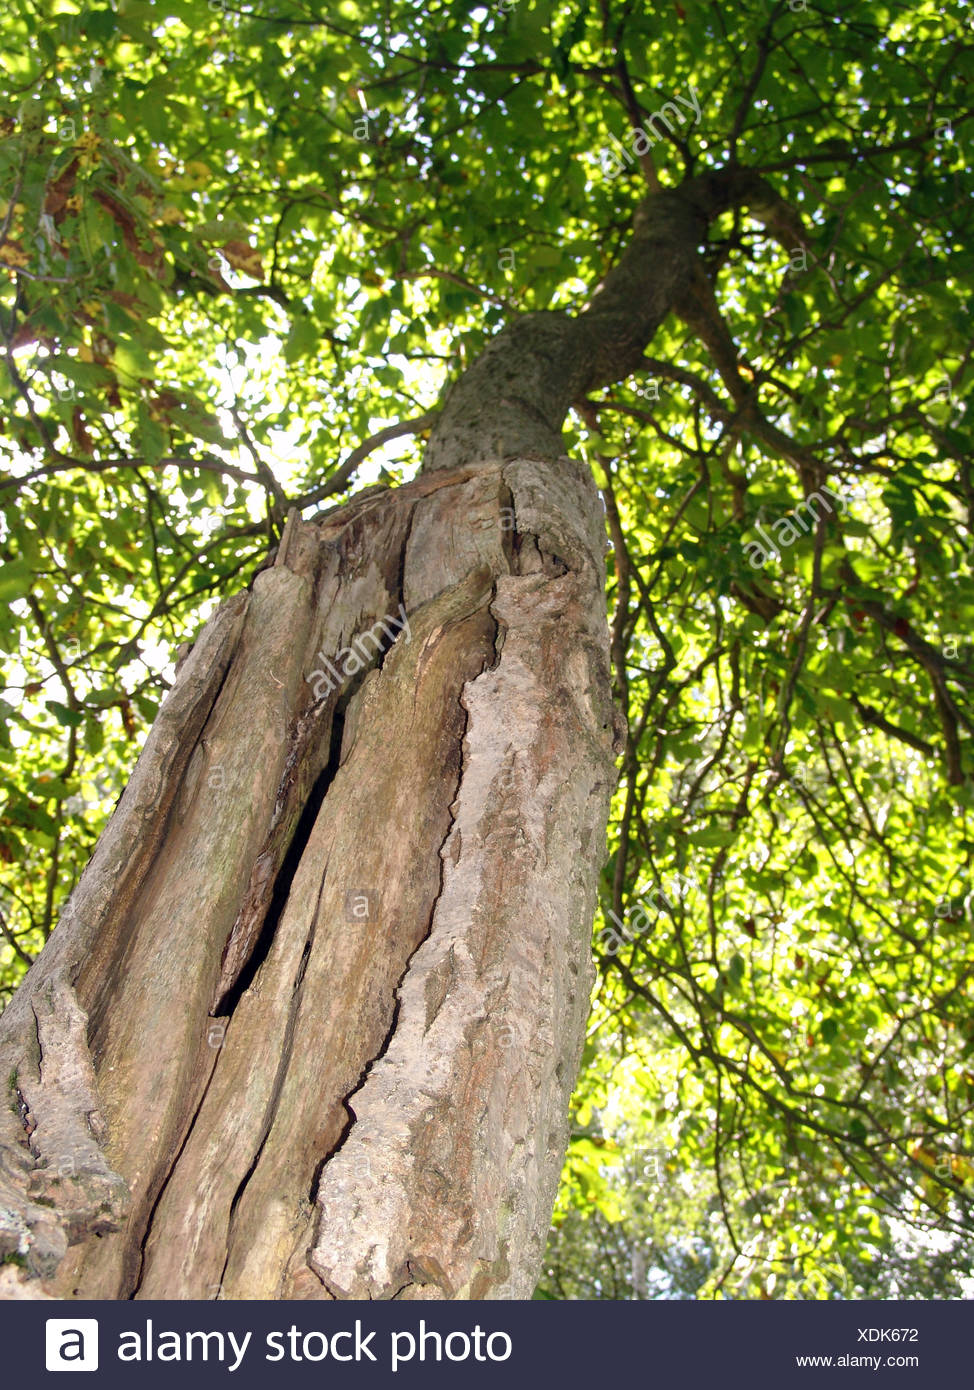 tree trunk fruit nuts nut walnuts walnut-tree sick ill old